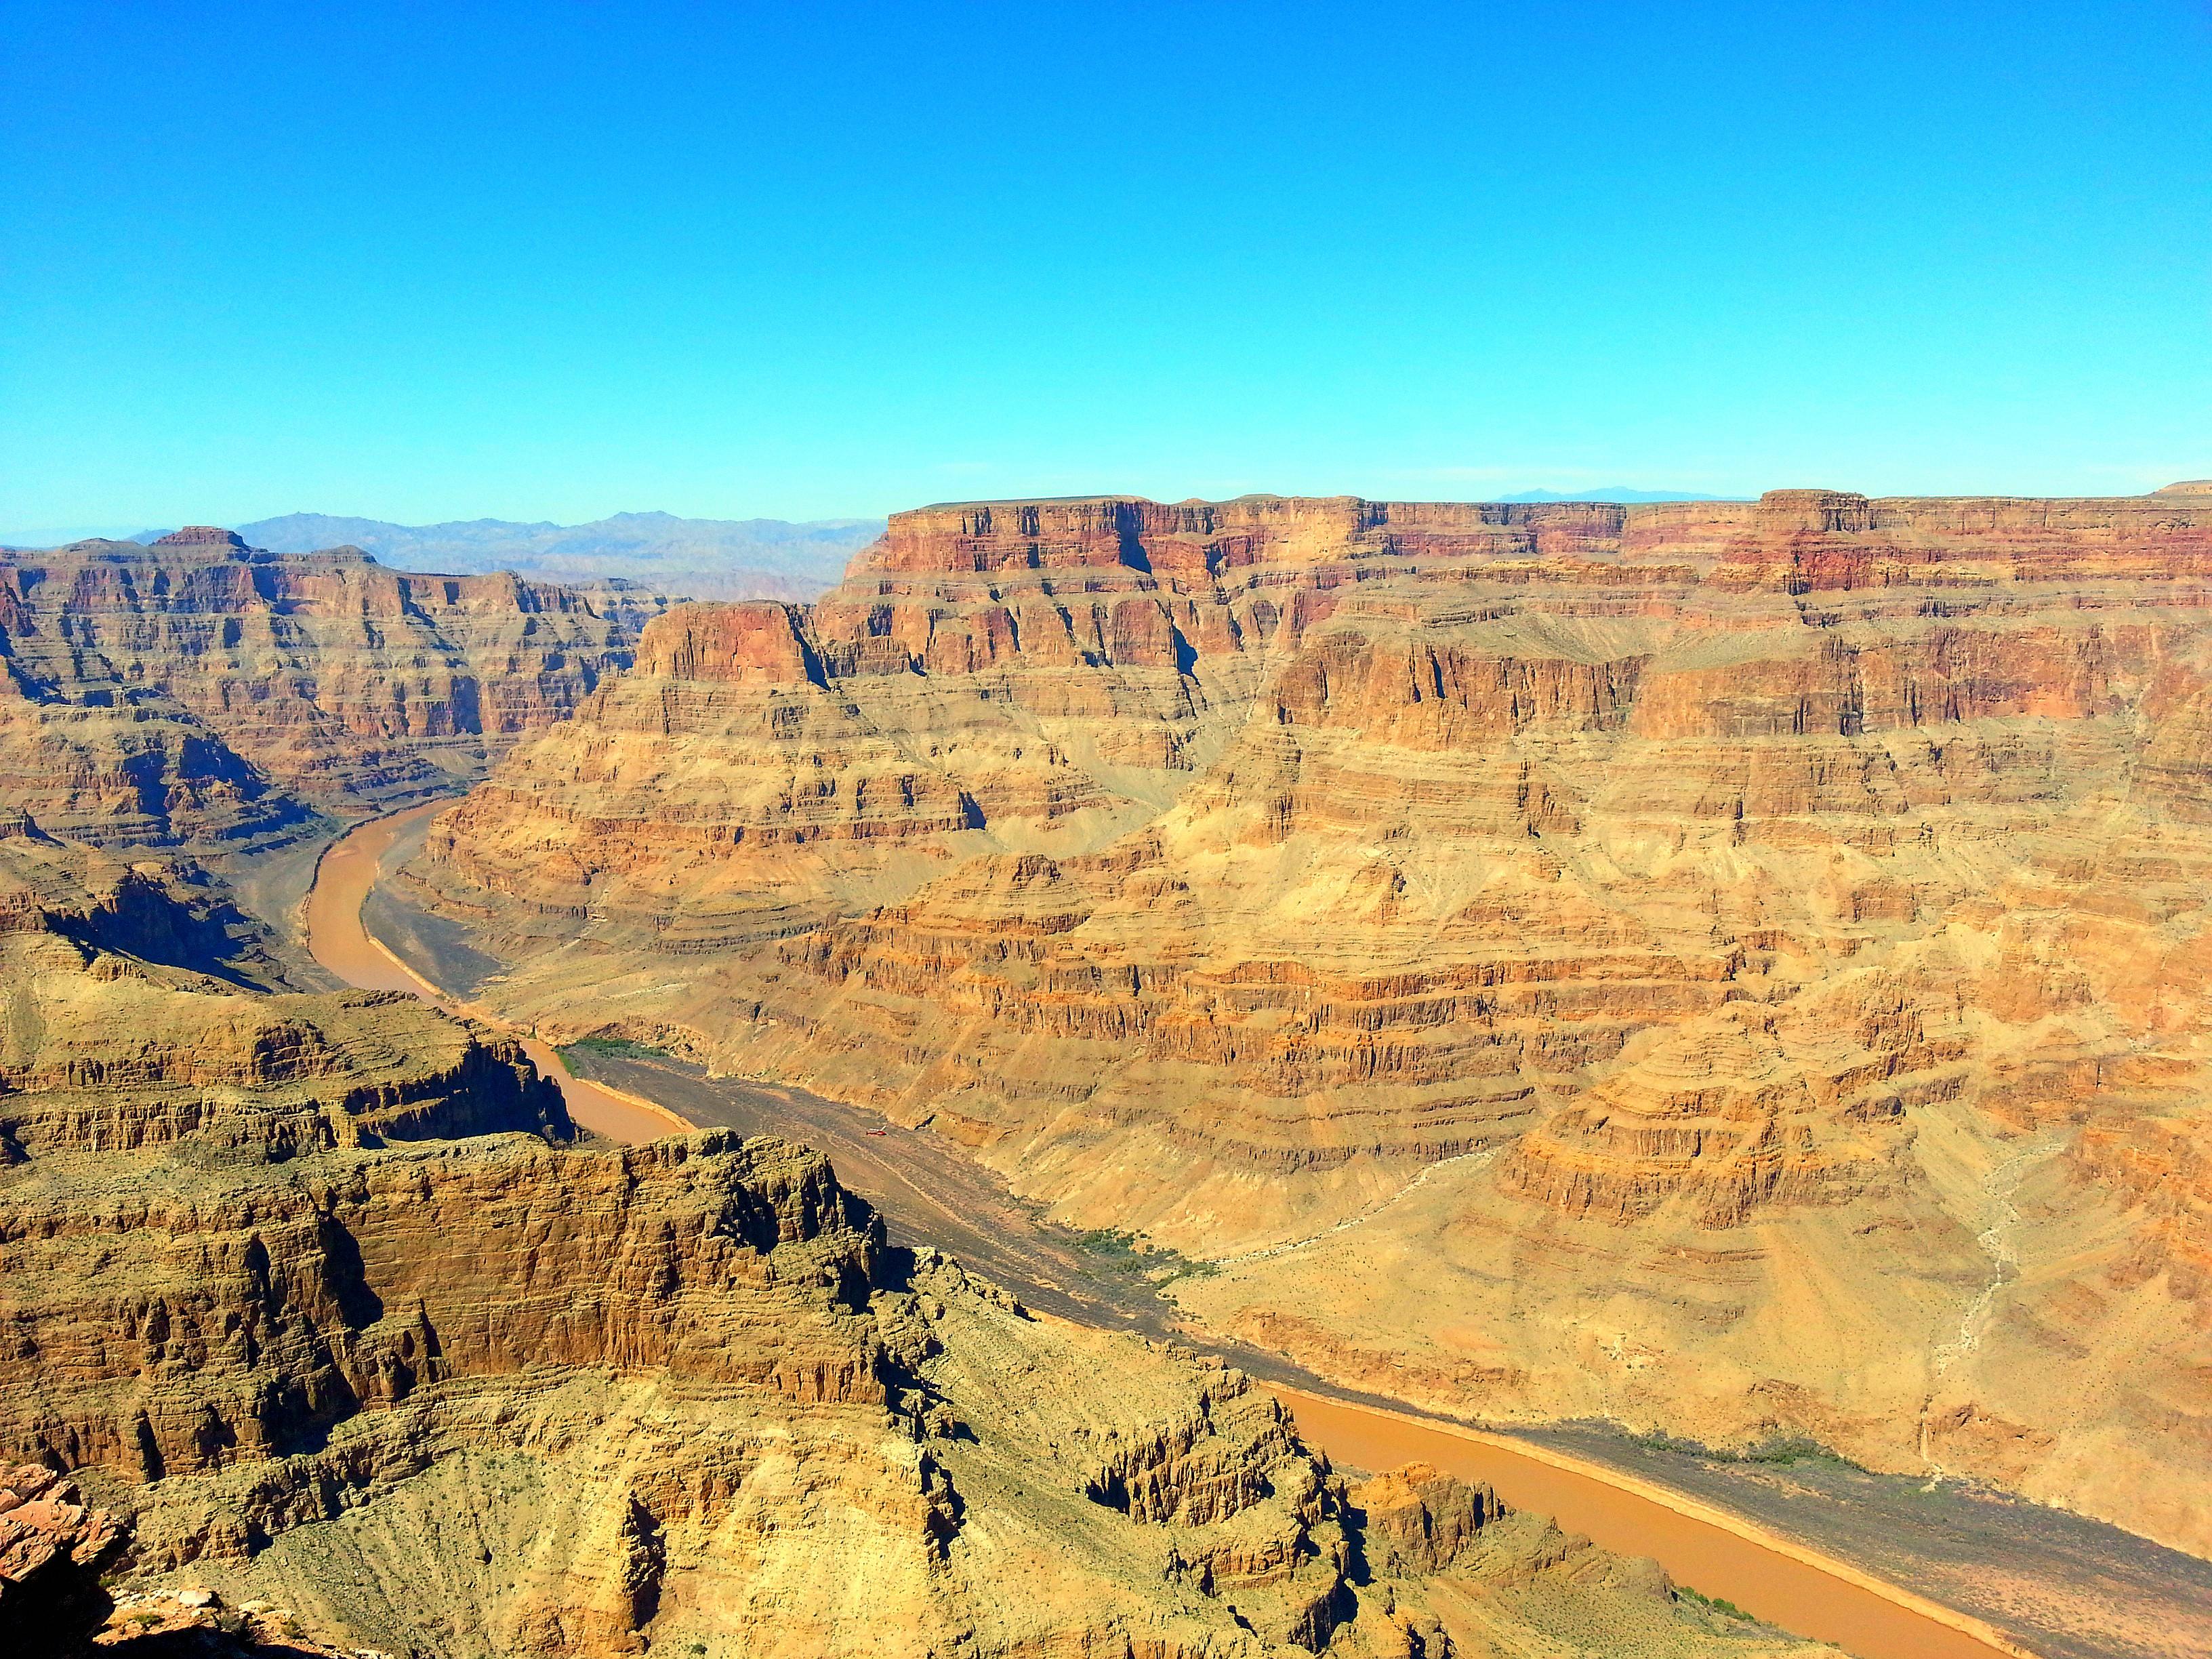 大�9��*zZ�h�K��x�_人生必去一次的科罗拉多大峡谷